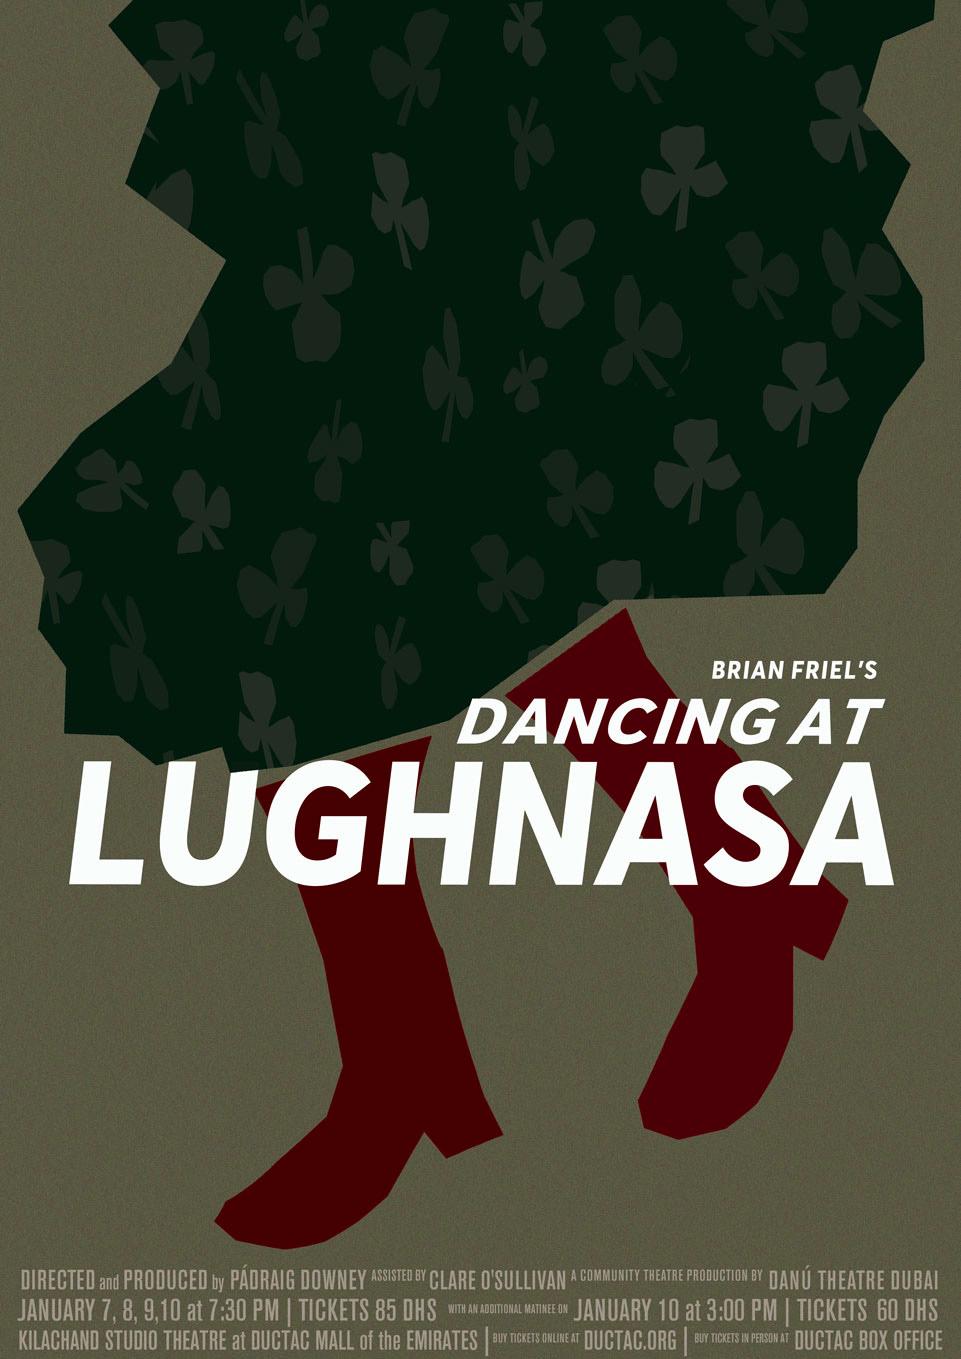 Dancing-at-lughnasa-poster-dubai.jpg